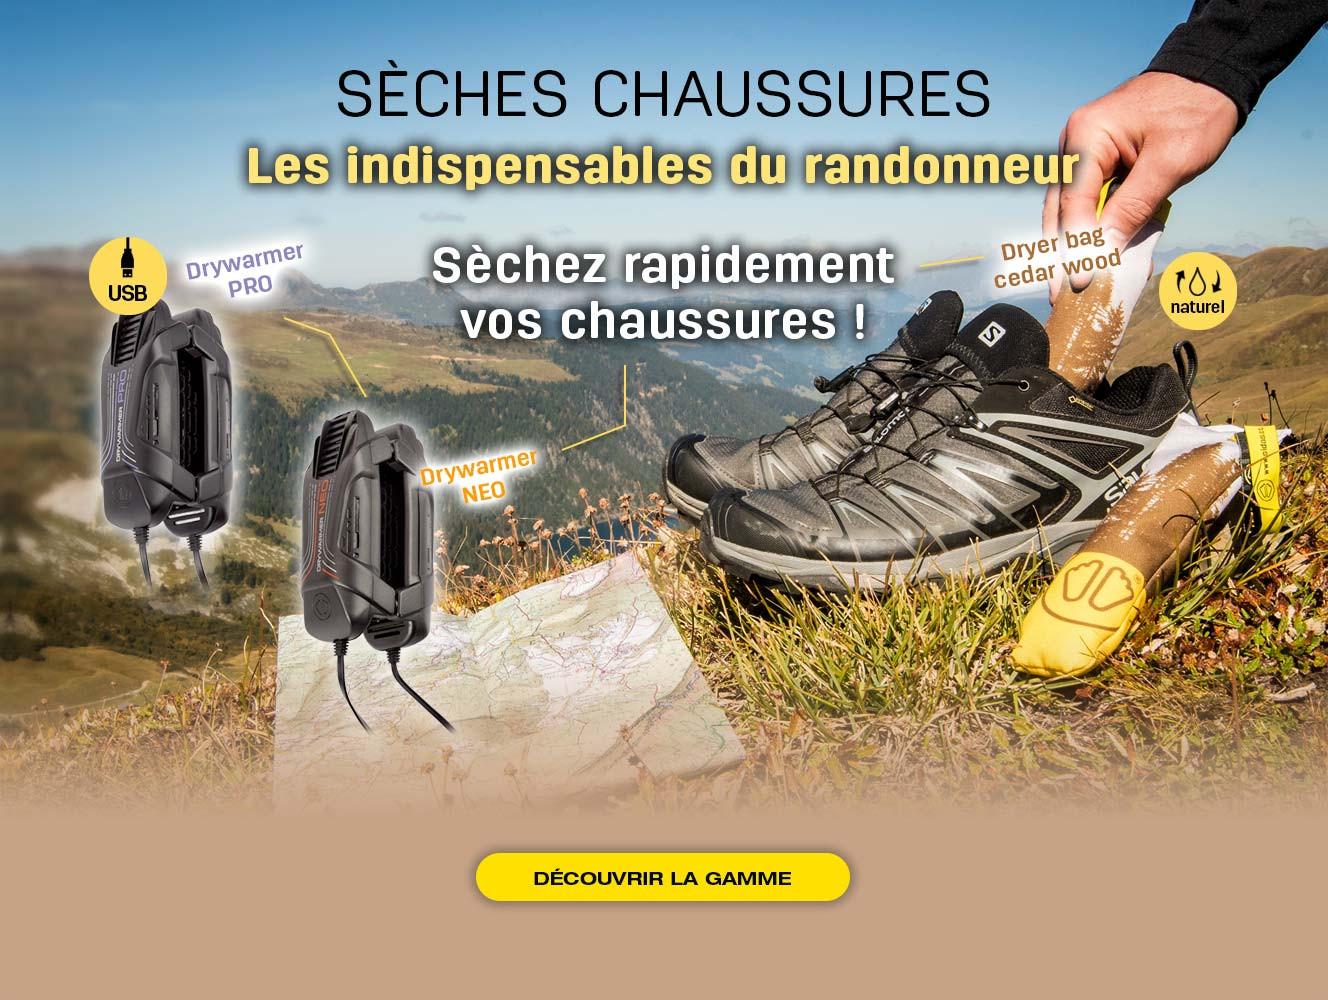 Séchez rapidement vos chaussures grâce aux sèches chaussures SIDAS !